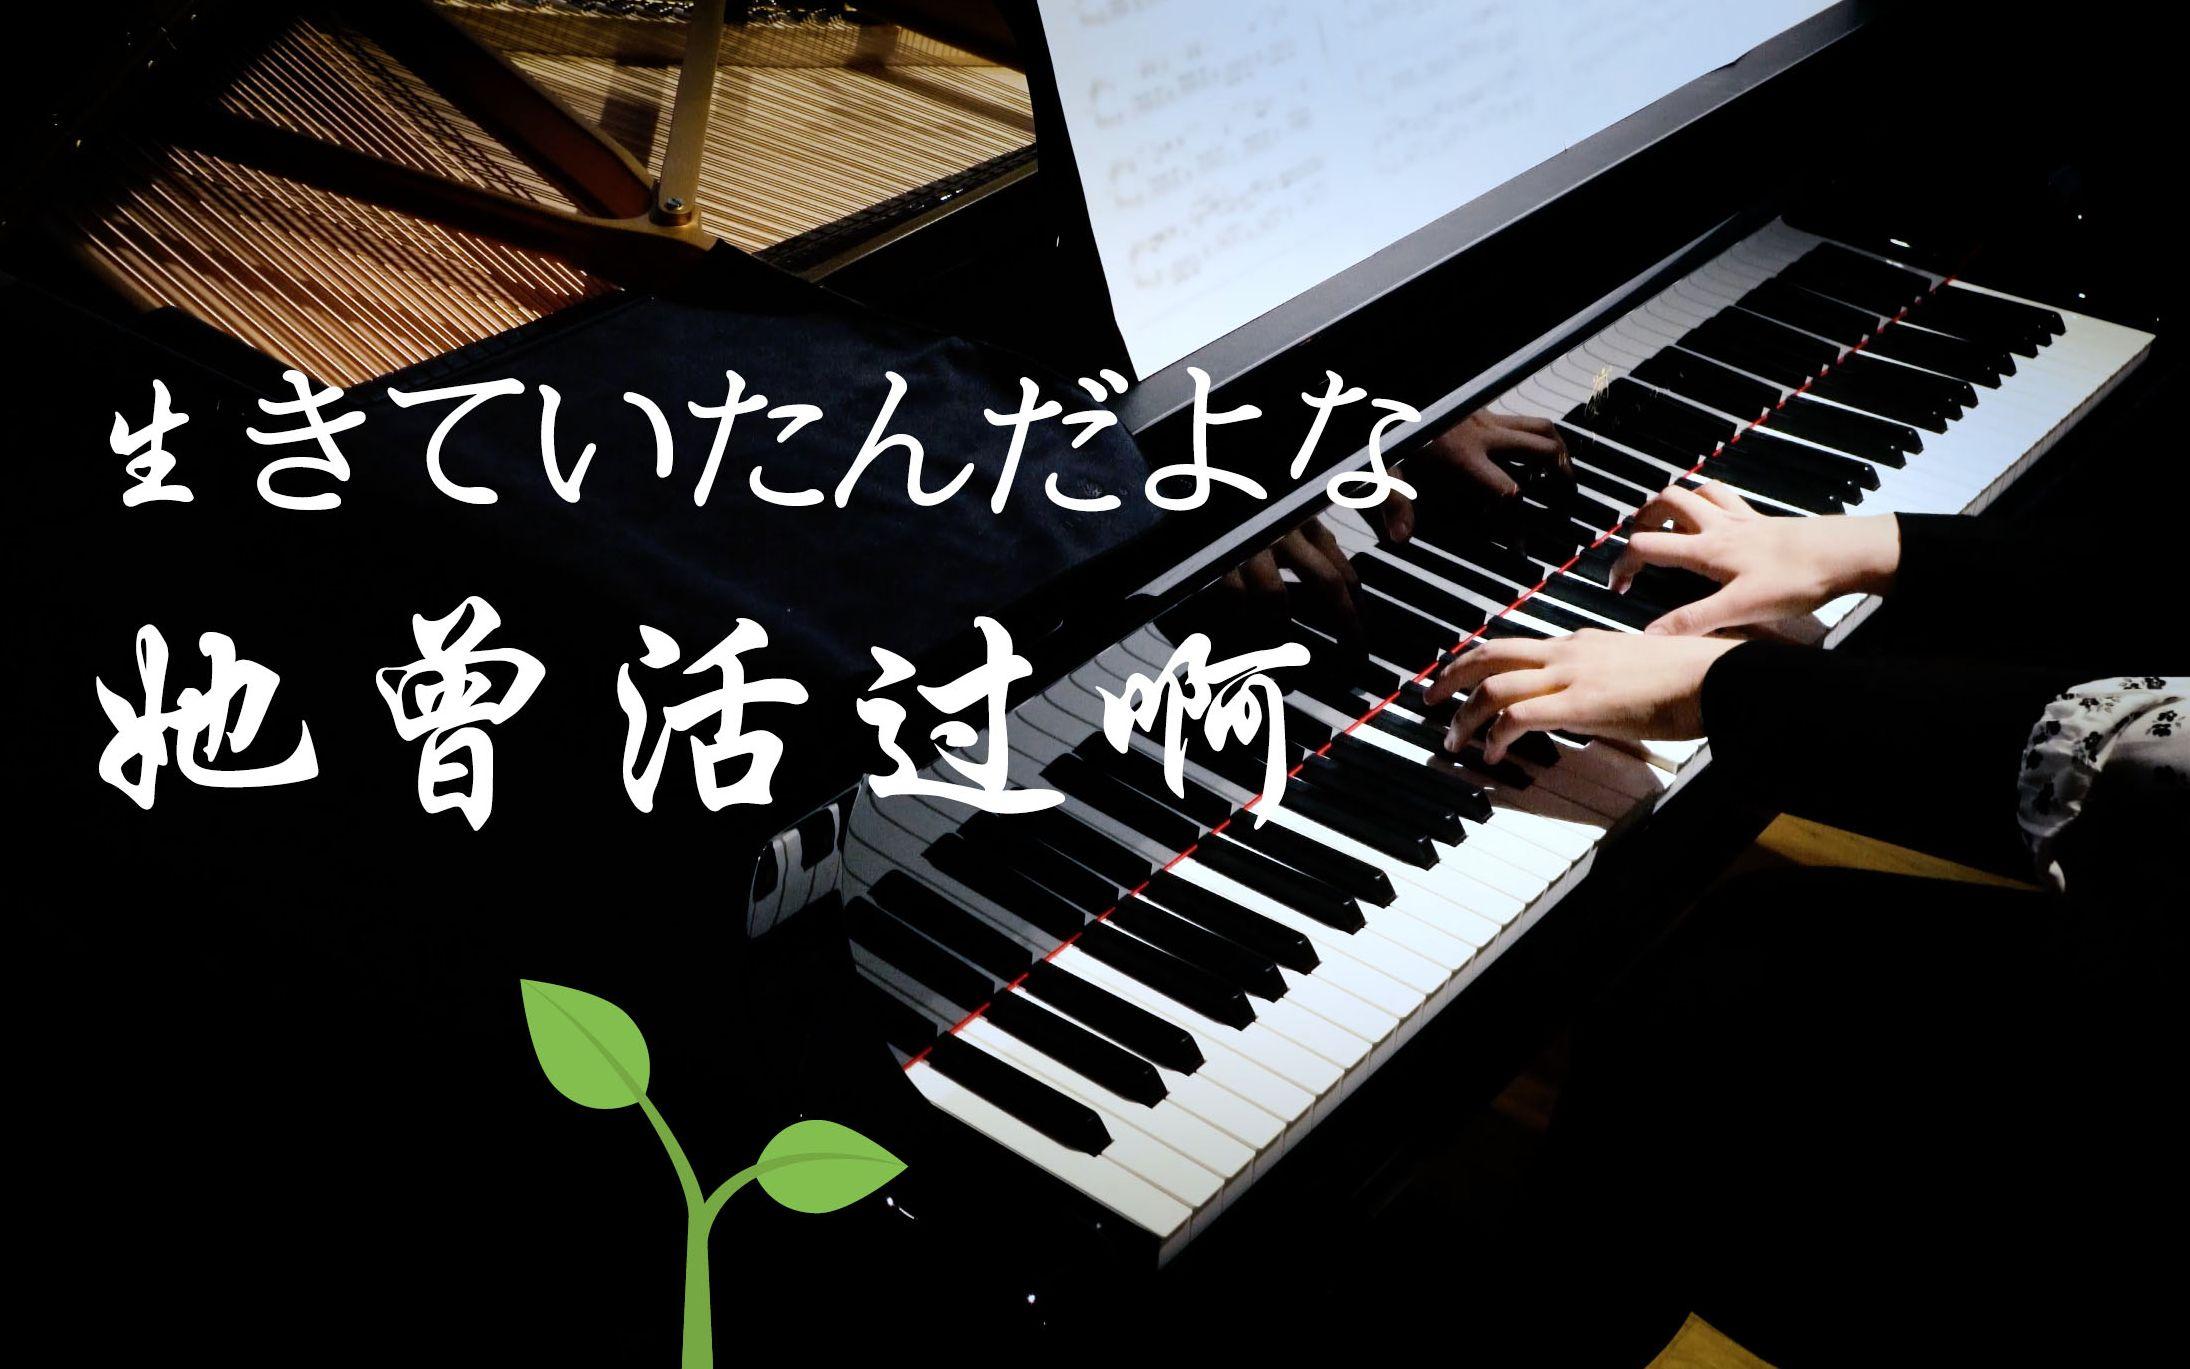 她曾活過啊!鋼琴 生きていたんだよな Aimyon【超清音質】_嗶哩嗶哩 (゜-゜)つロ 干杯~-bilibili